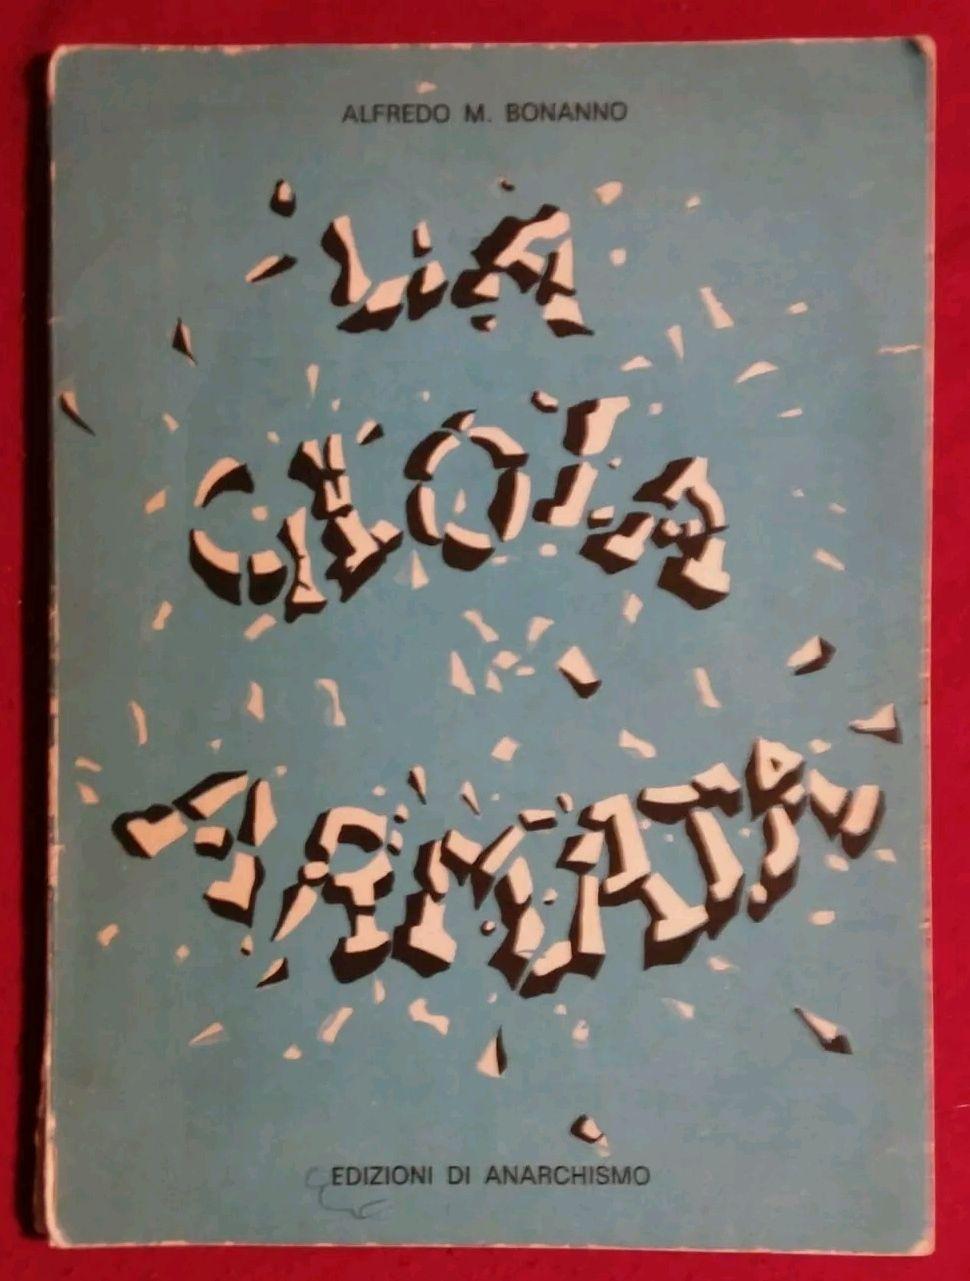 Alfredo M. Bonanno LA GIOIA ARMATA 1 ediz 1977 Rarissima – Terrorismo anni 70